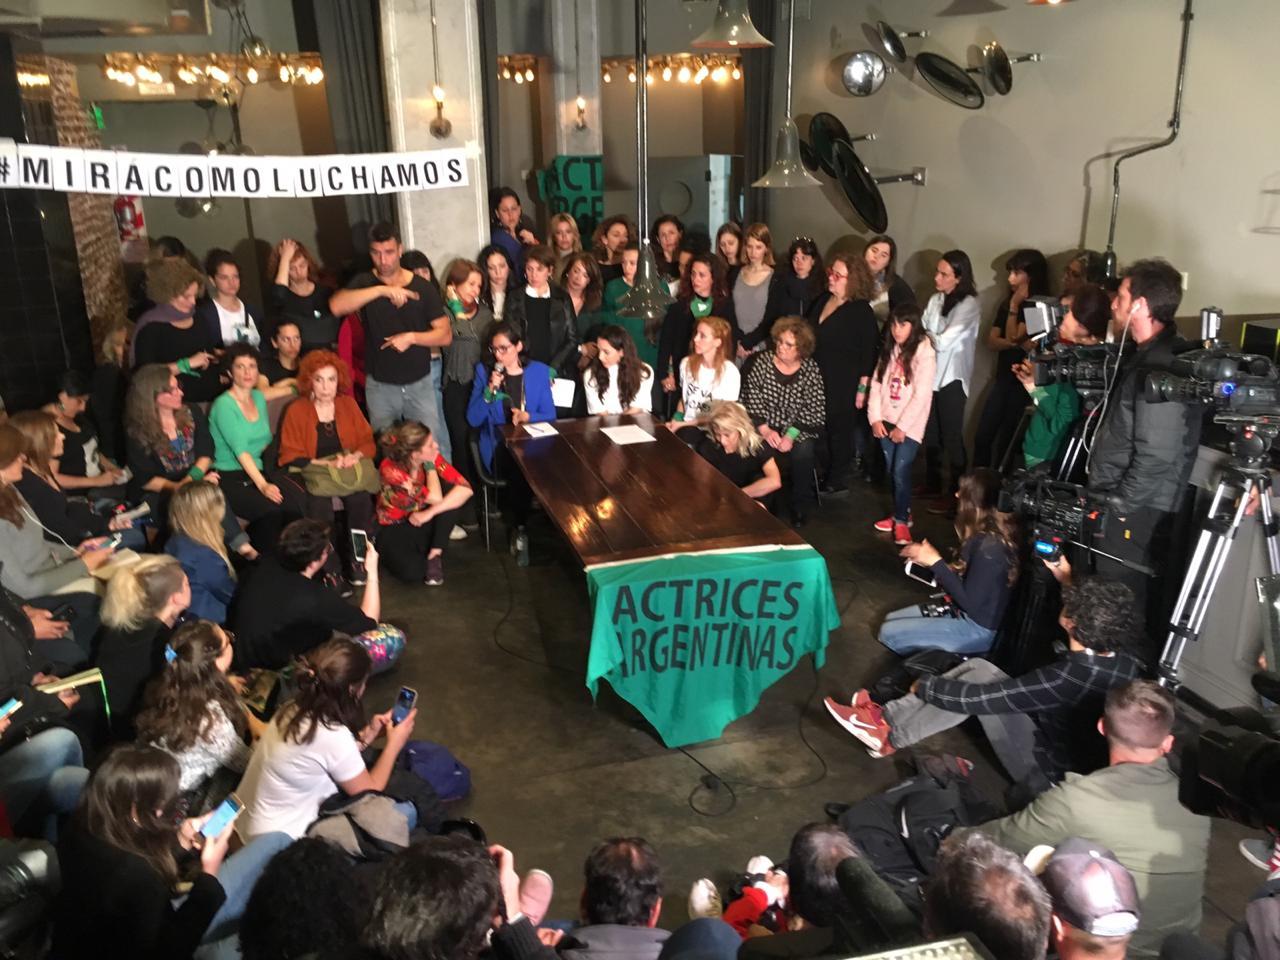 Comunicado leído por actrices argentinas en conferencia